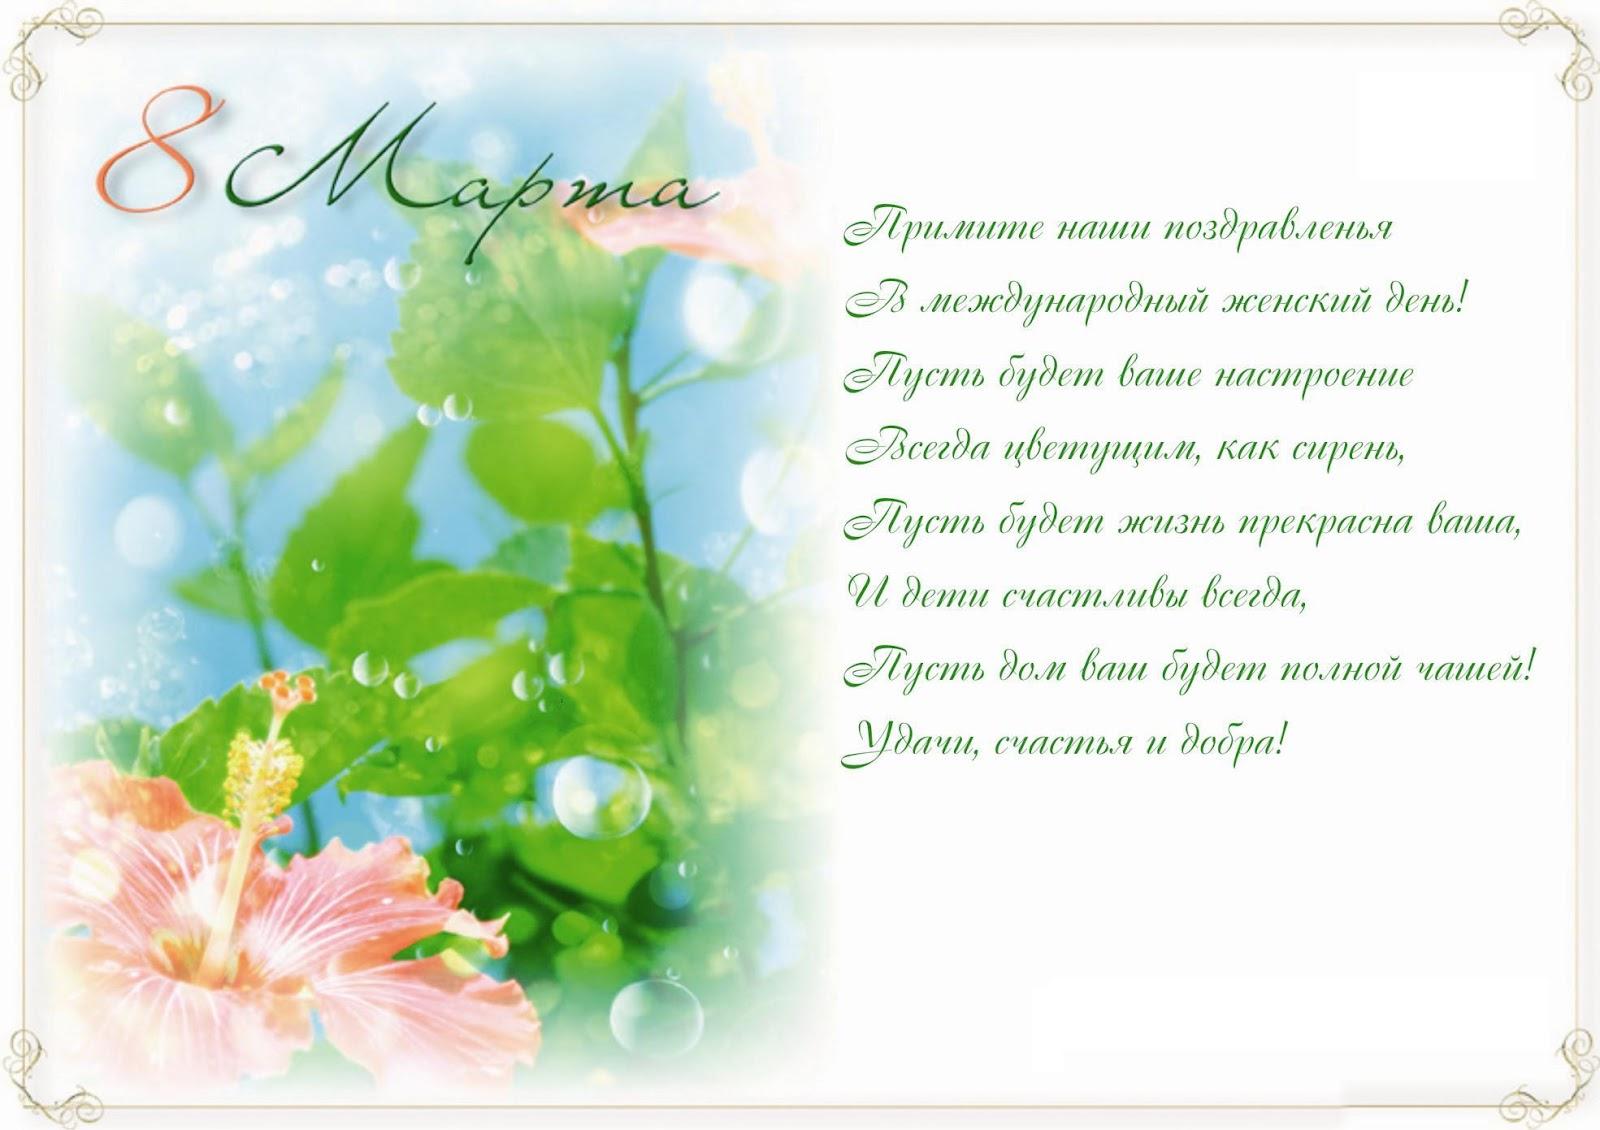 http://i082.radikal.ru/1003/e7/447eefb15ef9.jpg